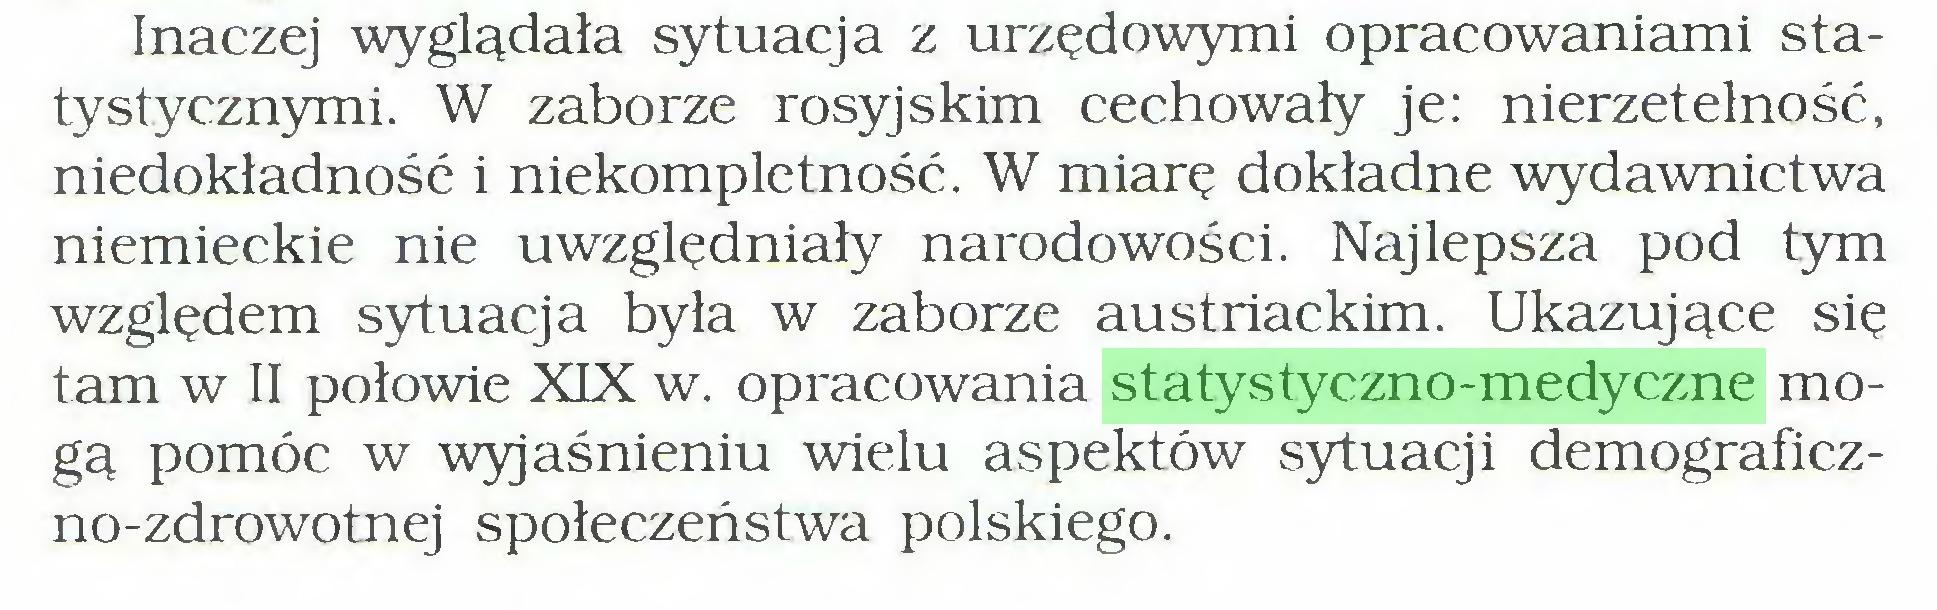 (...) Inaczej wyglądała sytuacja z urzędowymi opracowaniami statystycznymi. W zaborze rosyjskim cechowały je: nierzetelność, niedokładność i niekompletność. W miarę dokładne wydawnictwa niemieckie nie uwzględniały narodowości. Najlepsza pod tym względem sytuacja była w zaborze austriackim. Ukazujące się tam w II połowie XIX w. opracowania statystyczno-medyczne mogą pomóc w wyjaśnieniu wielu aspektów sytuacji demograficzno-zdrowotnej społeczeństwa polskiego...